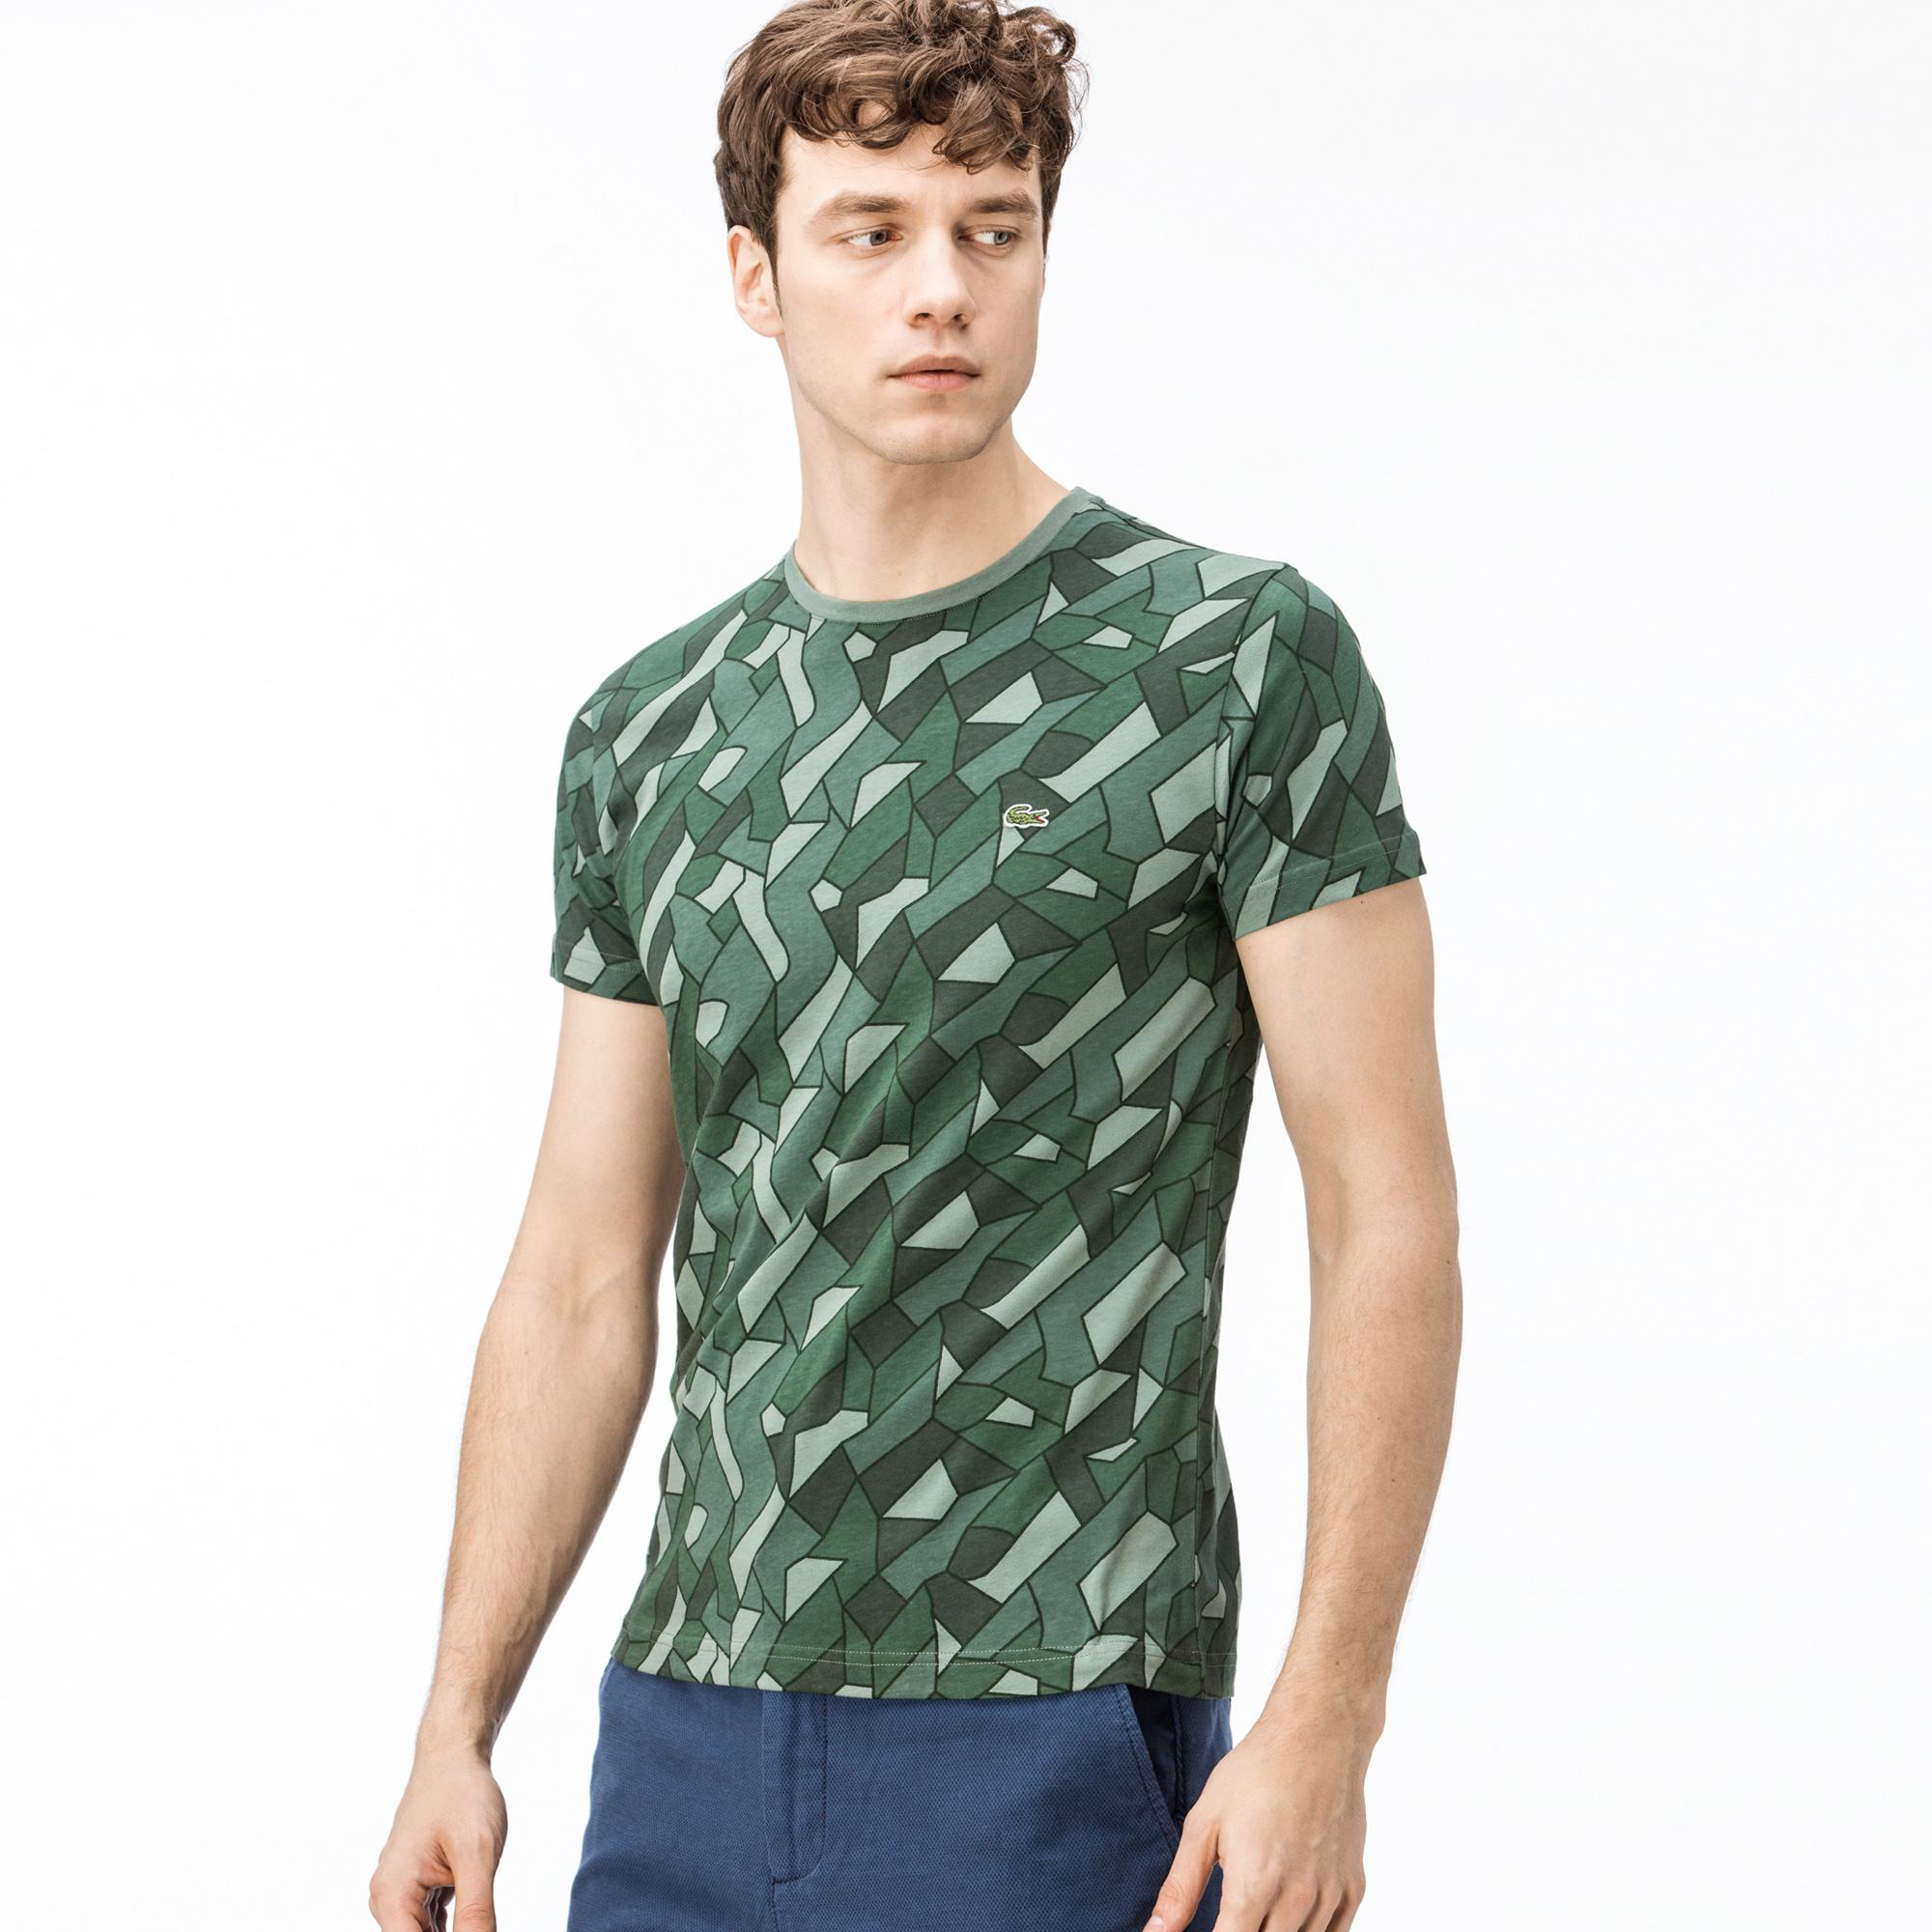 Lacoste Erkek Slim Fit Desenli Yeşil T-Shirt